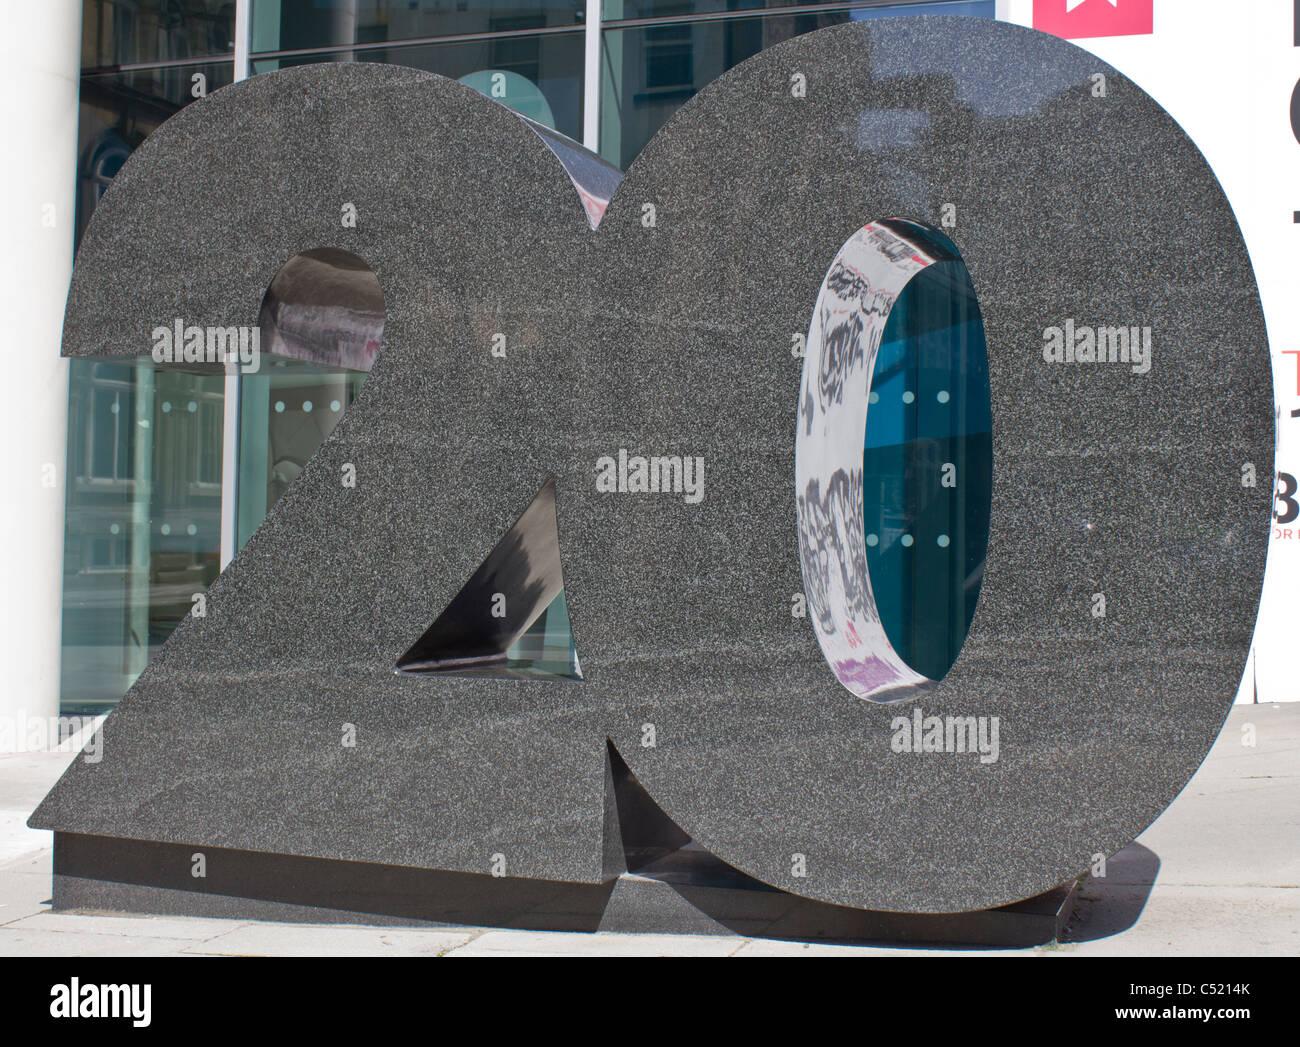 Grande sculpture à l'extérieur d'un bâtiment en notant le numéro de bâtiment, 20 Photo Stock